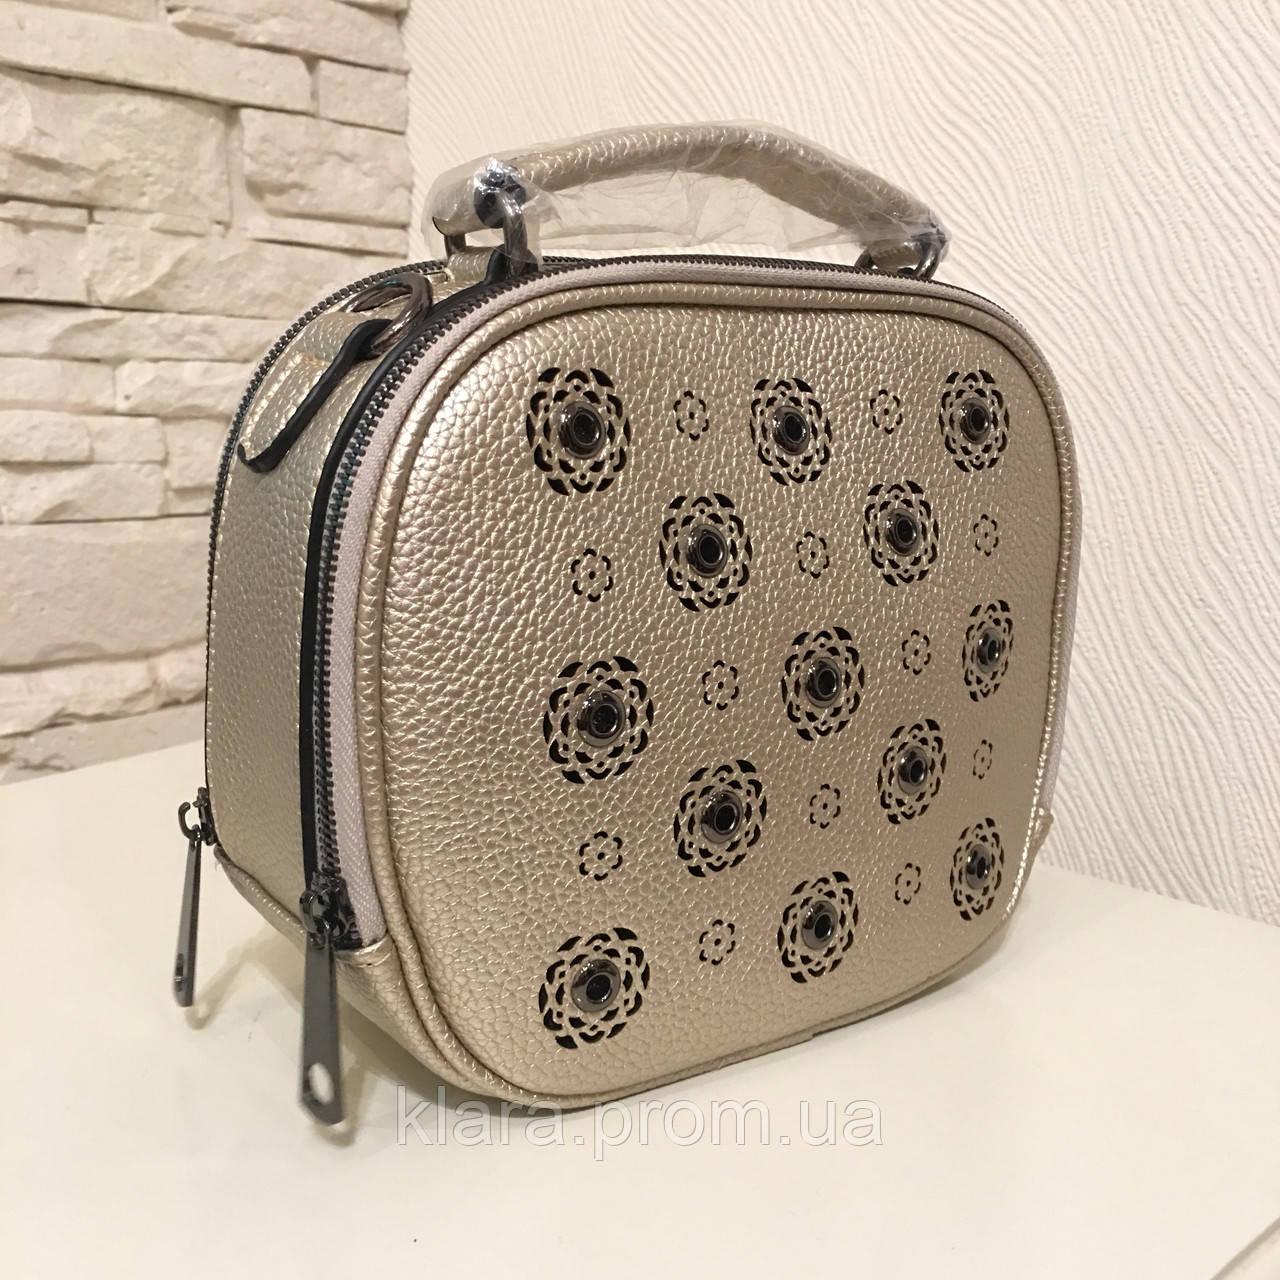 5251ede5a5c7 Новинка 2019- привлекательная молодежная женская сумка, светло-золотистого  цвета со стразами. -